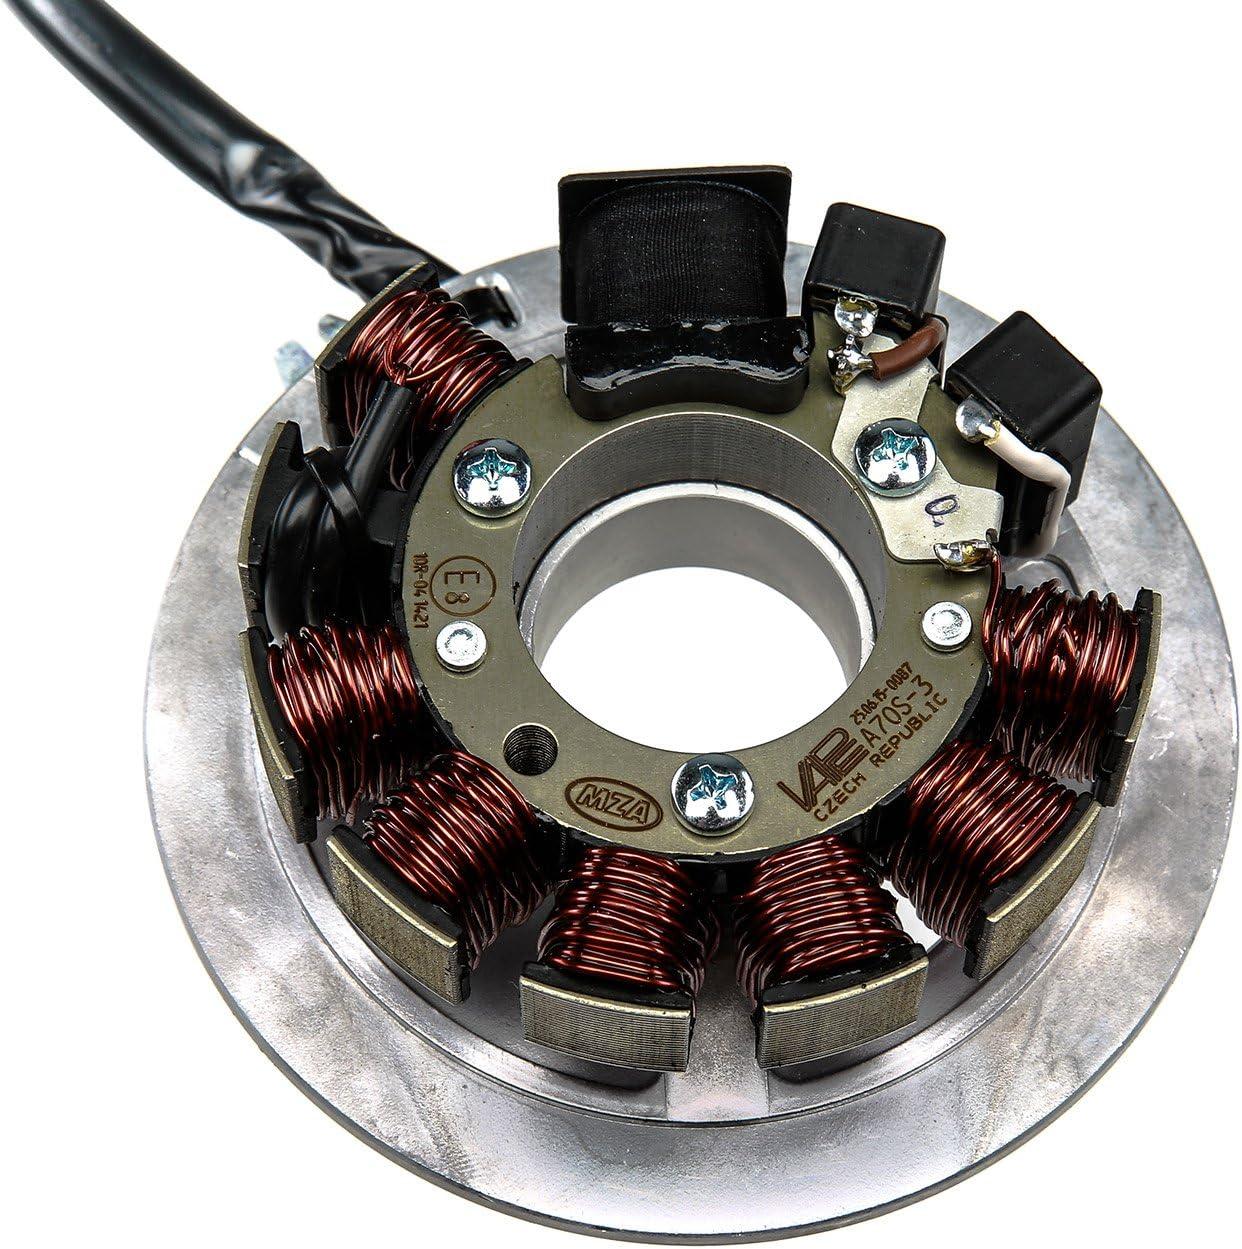 SET Umr/üstsatz VAPE S70 auf 12V 35//35W M-G S51 ohne Klein- und Anbauteile - nur einzelne Z/ündungskomponenten im Set! S50